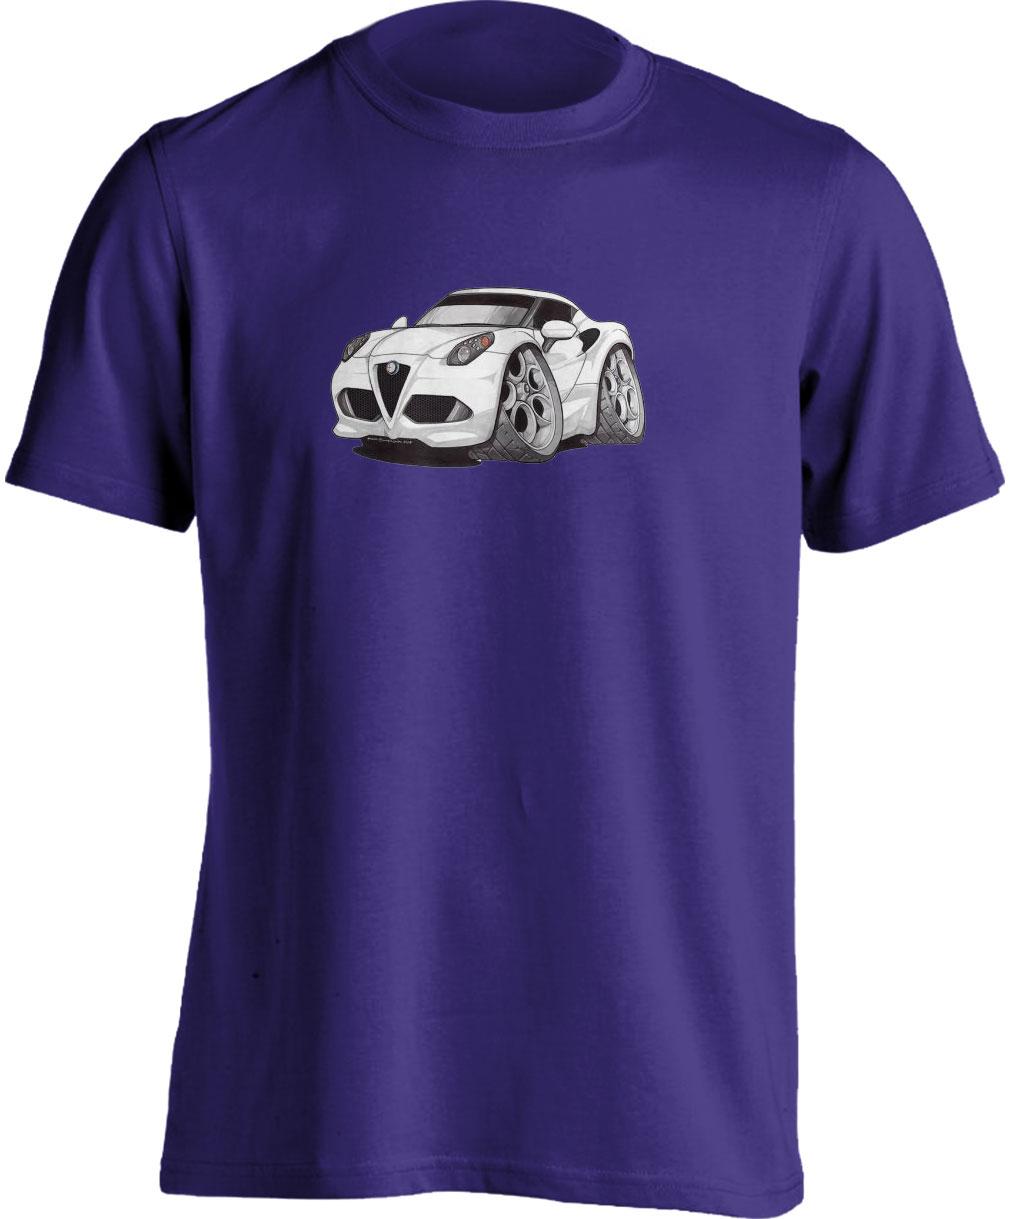 Koolart 4C White–3215 Alfa Romeo Child's T Shirt